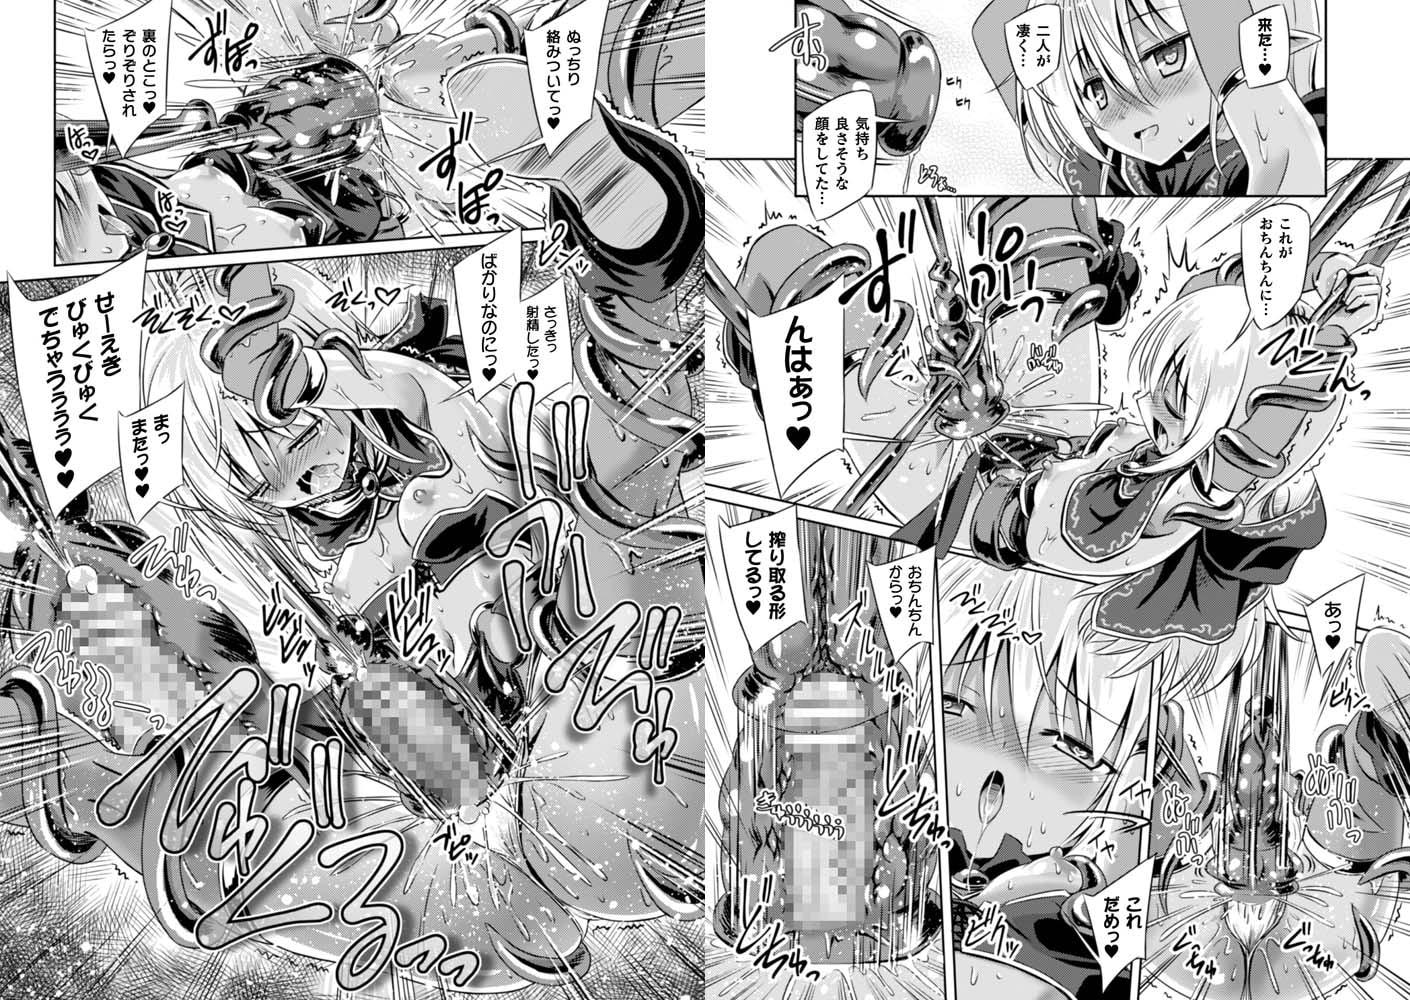 二次元コミックマガジン ふたなり触手搾精 射精快楽に溺れるヒロインたちVol.2